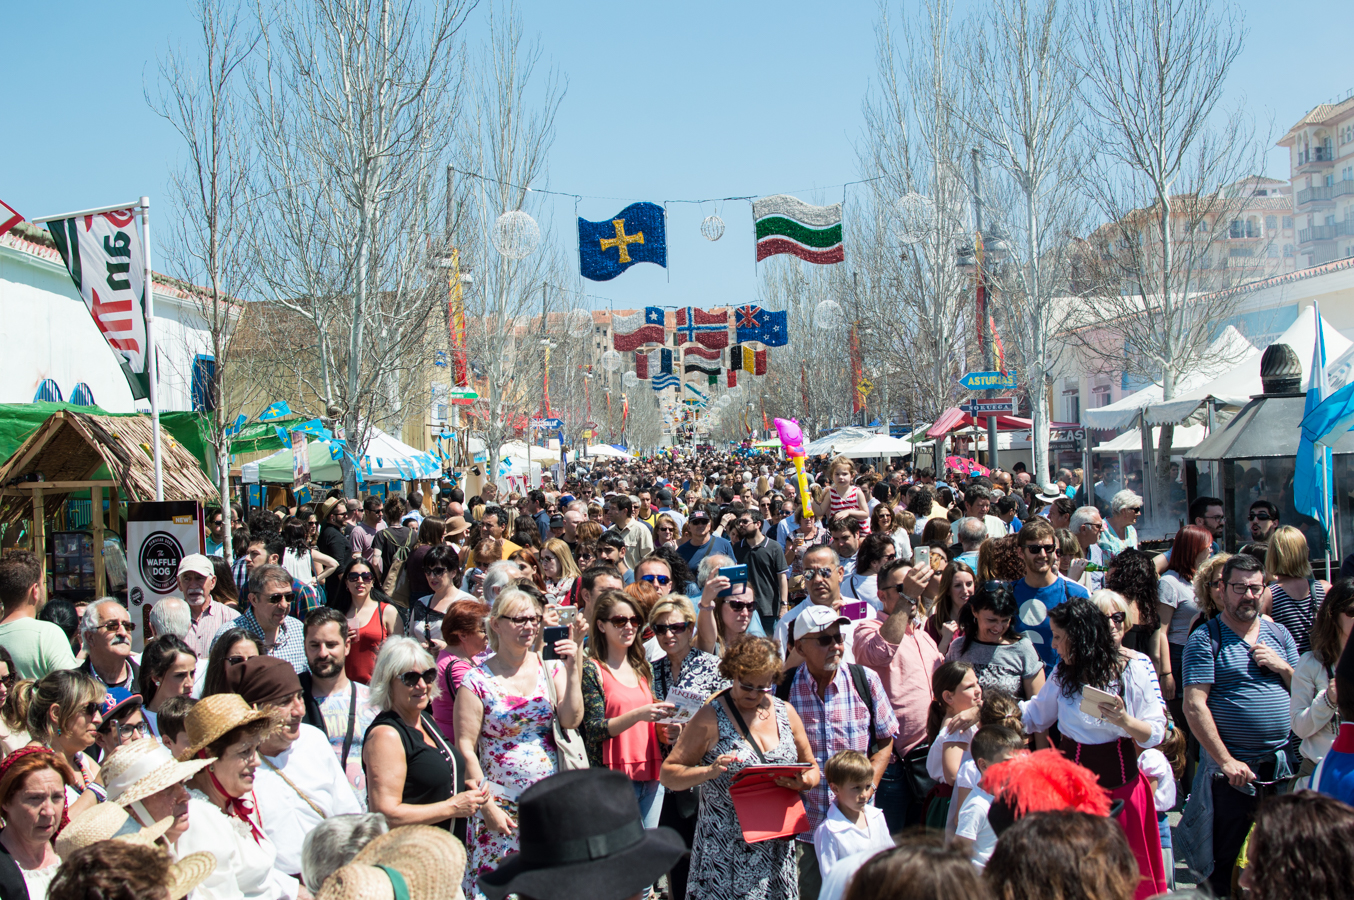 Feria De Los Pueblos or Around the World in 5 Days 8